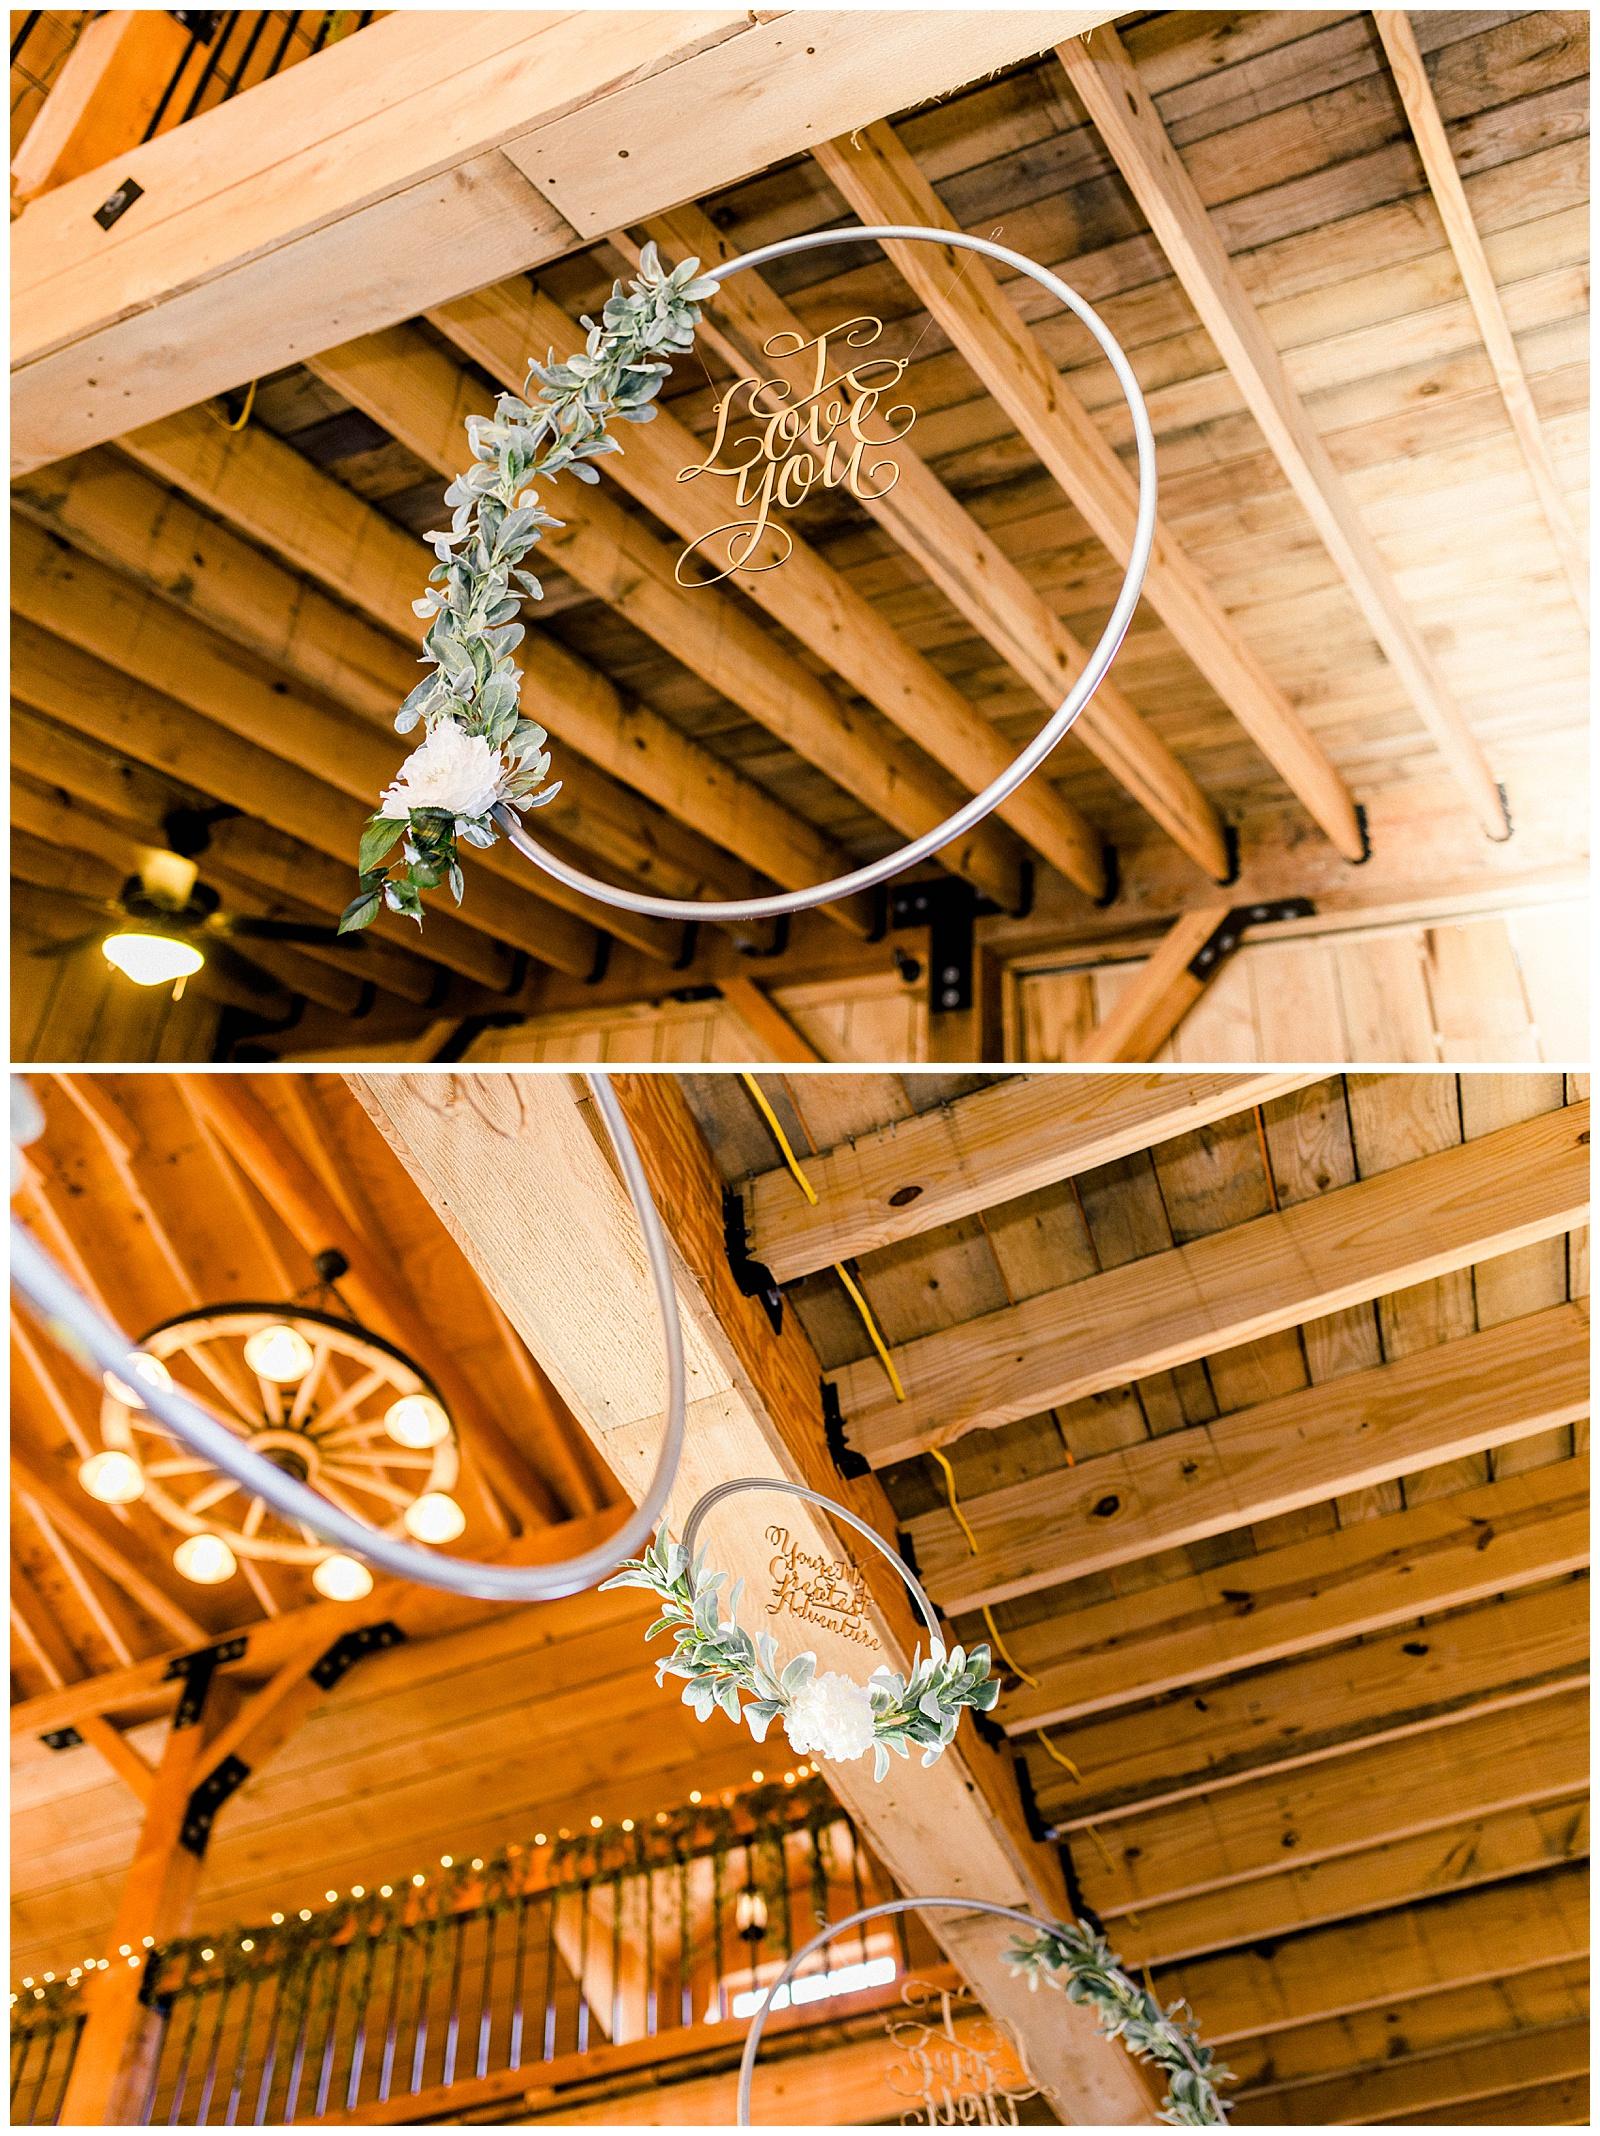 Lewis-Kara-Blakeman-Photography-Huntington-West-Virginia-Wedding-Barn-Olde-Homestead-55